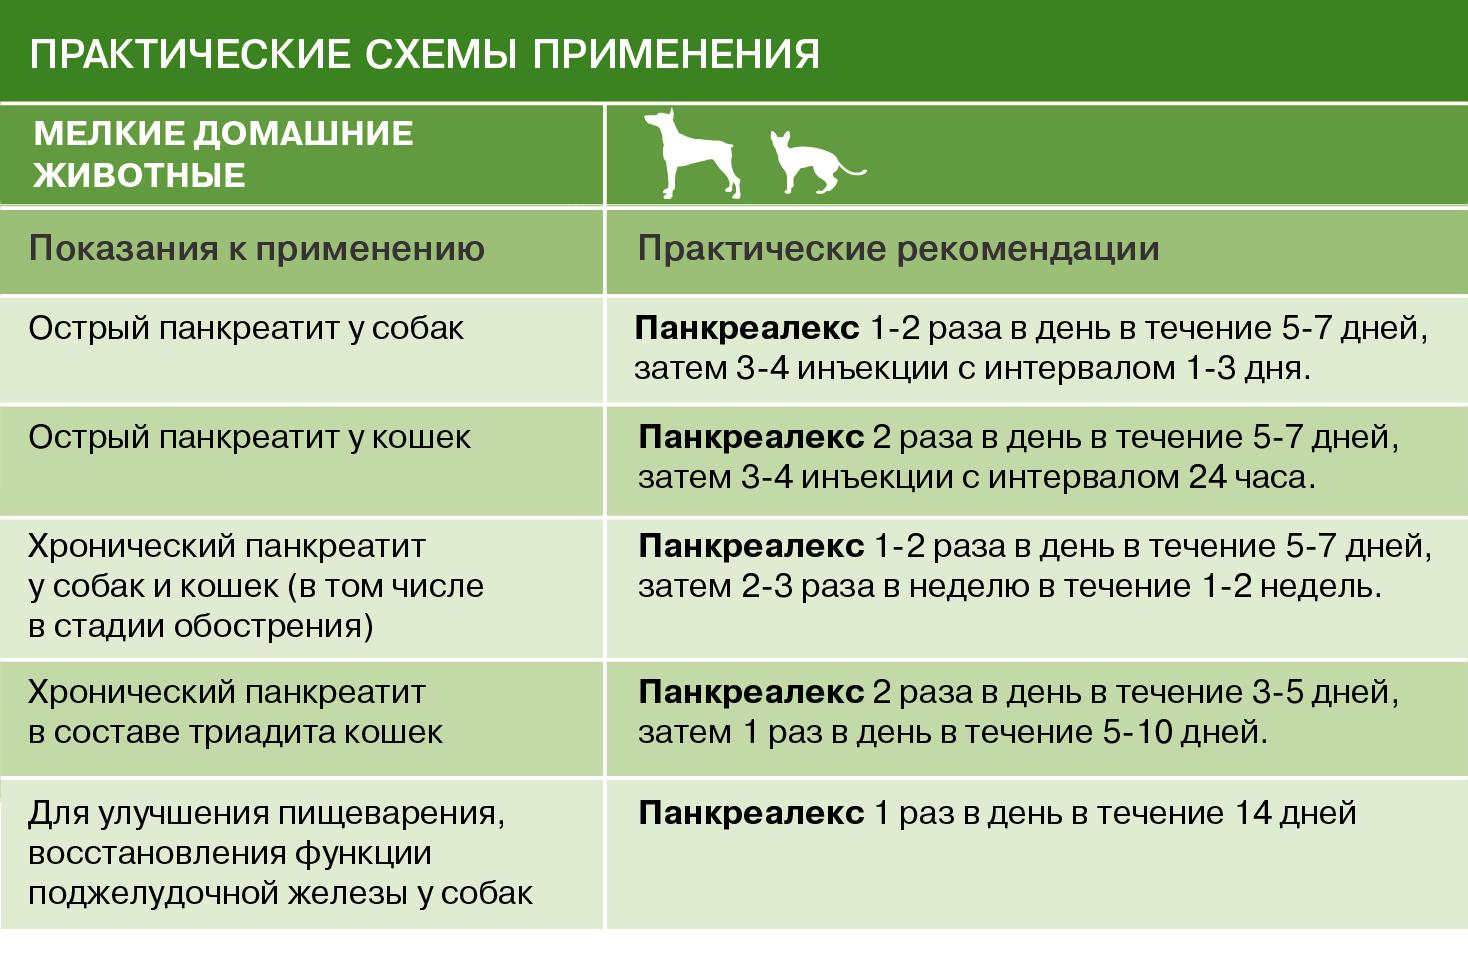 Панкреалекс — инструкция по применению для кошек и собак